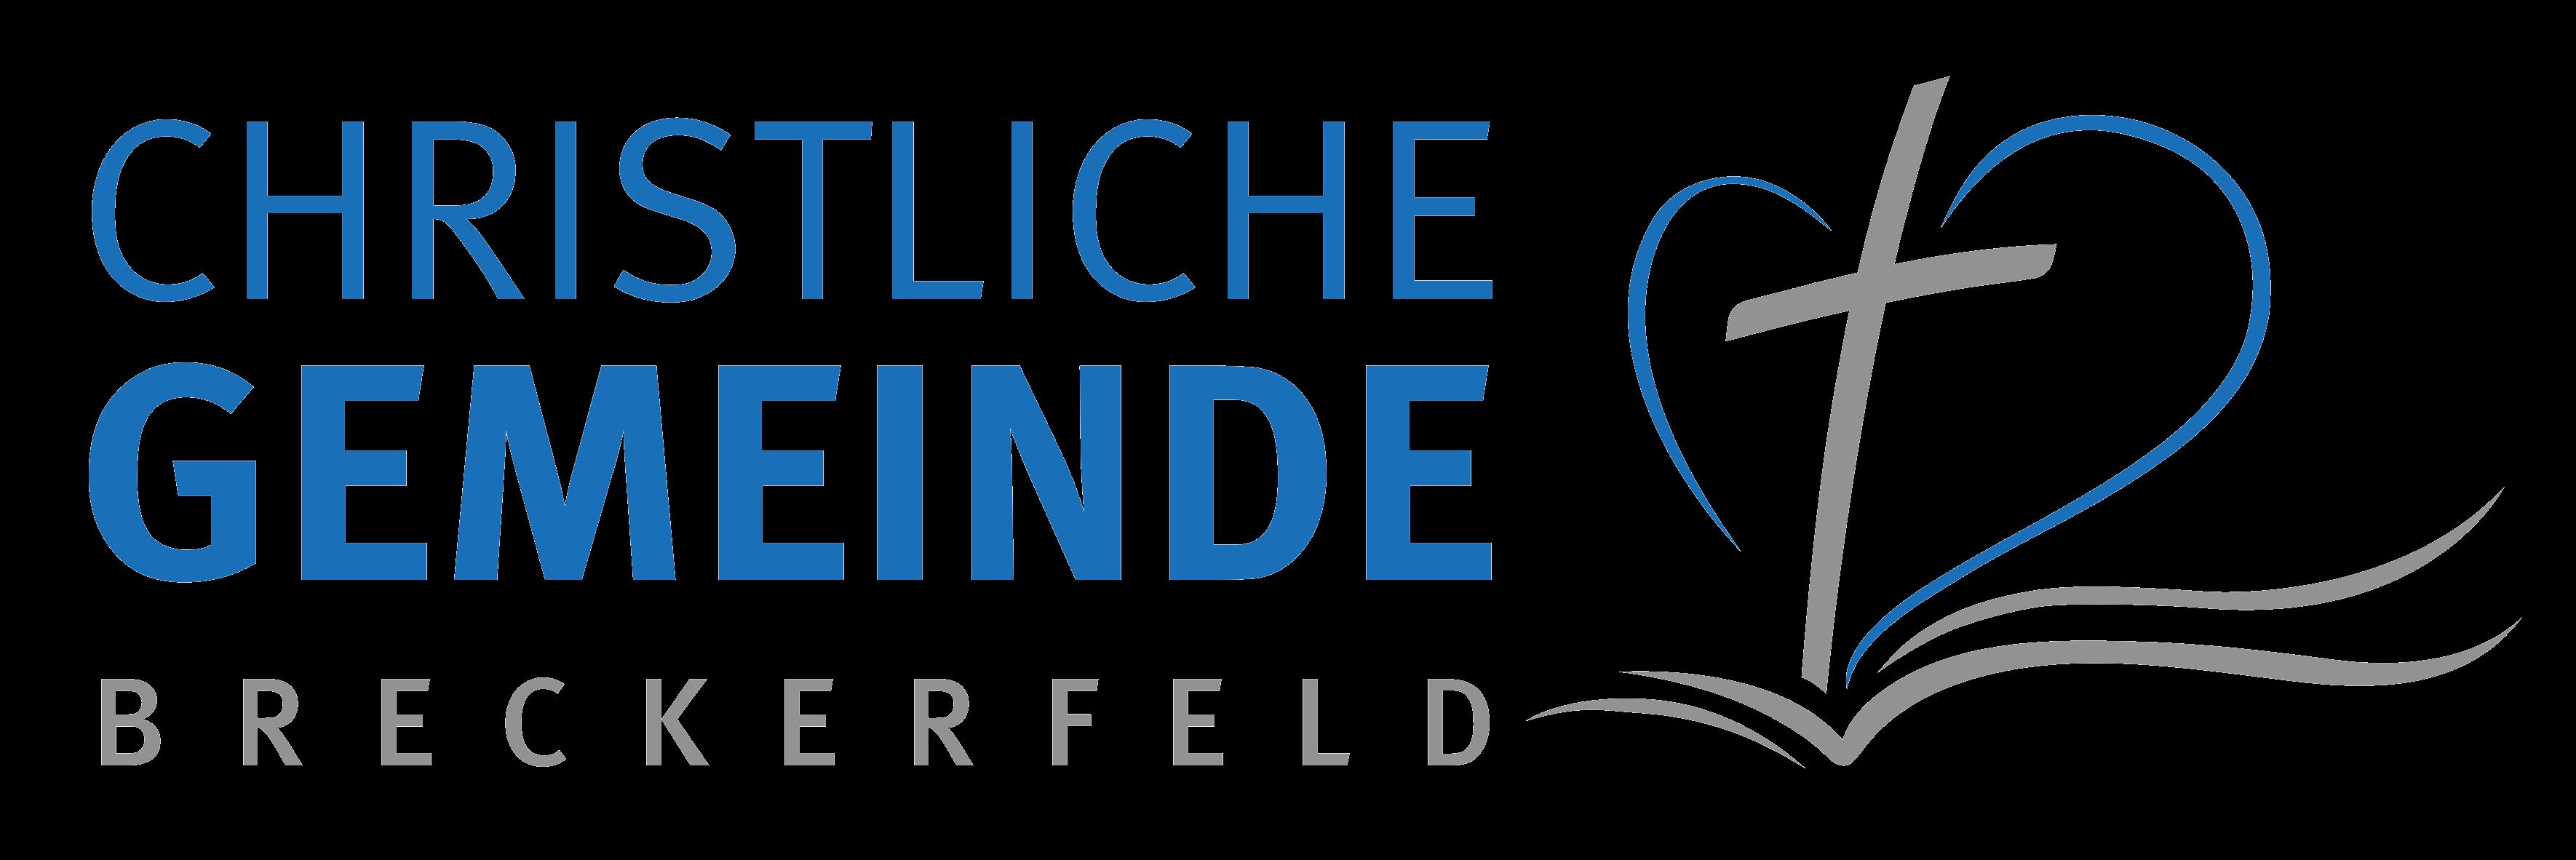 Christliche Gemeinde Breckerfeld